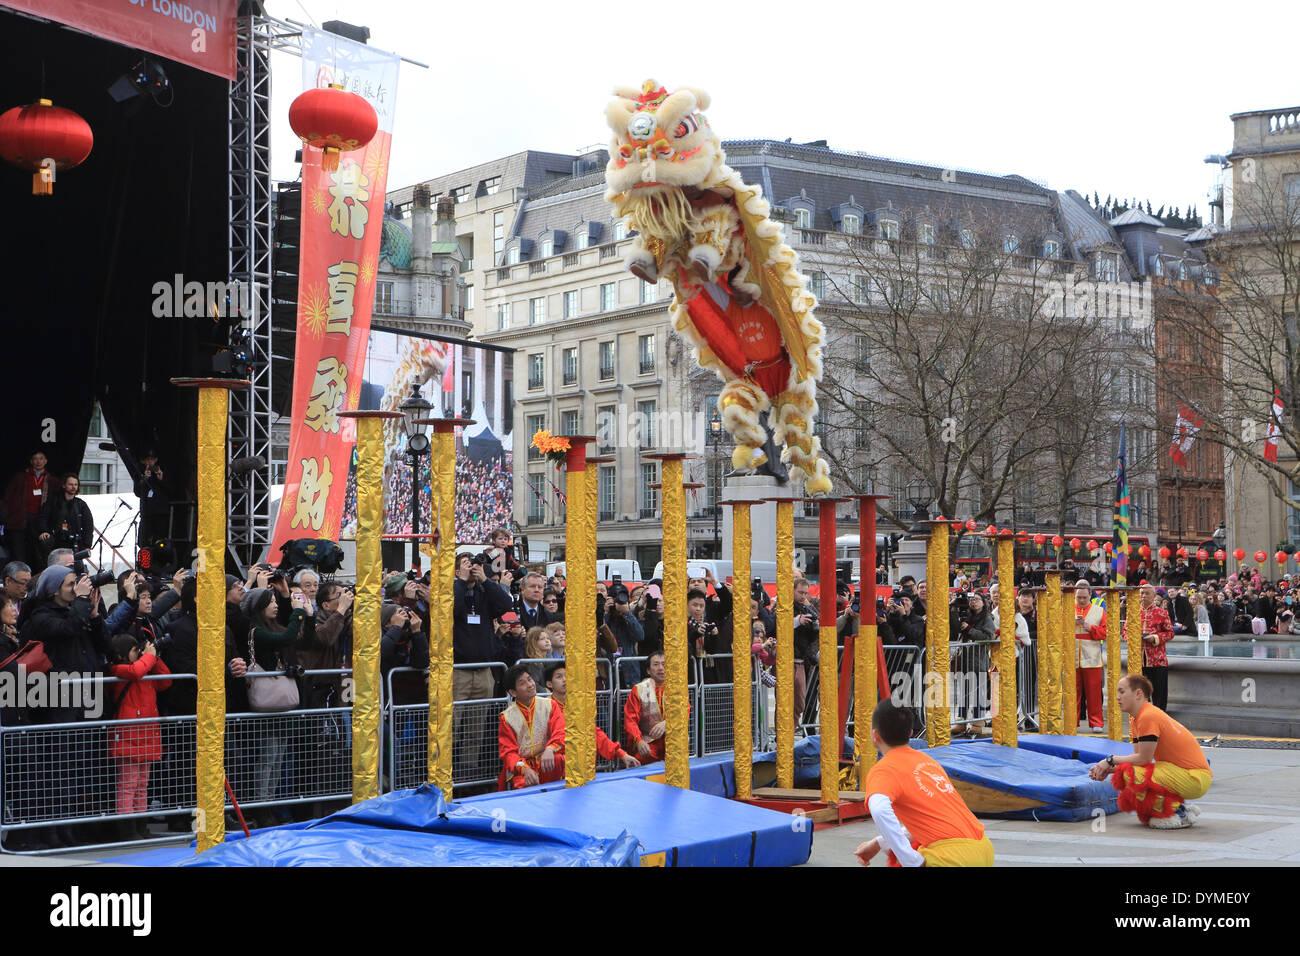 La spectaculaire danse du Lion pour le Nouvel An Chinois, 2014, année du cheval, Trafalgar Square, Londres Photo Stock